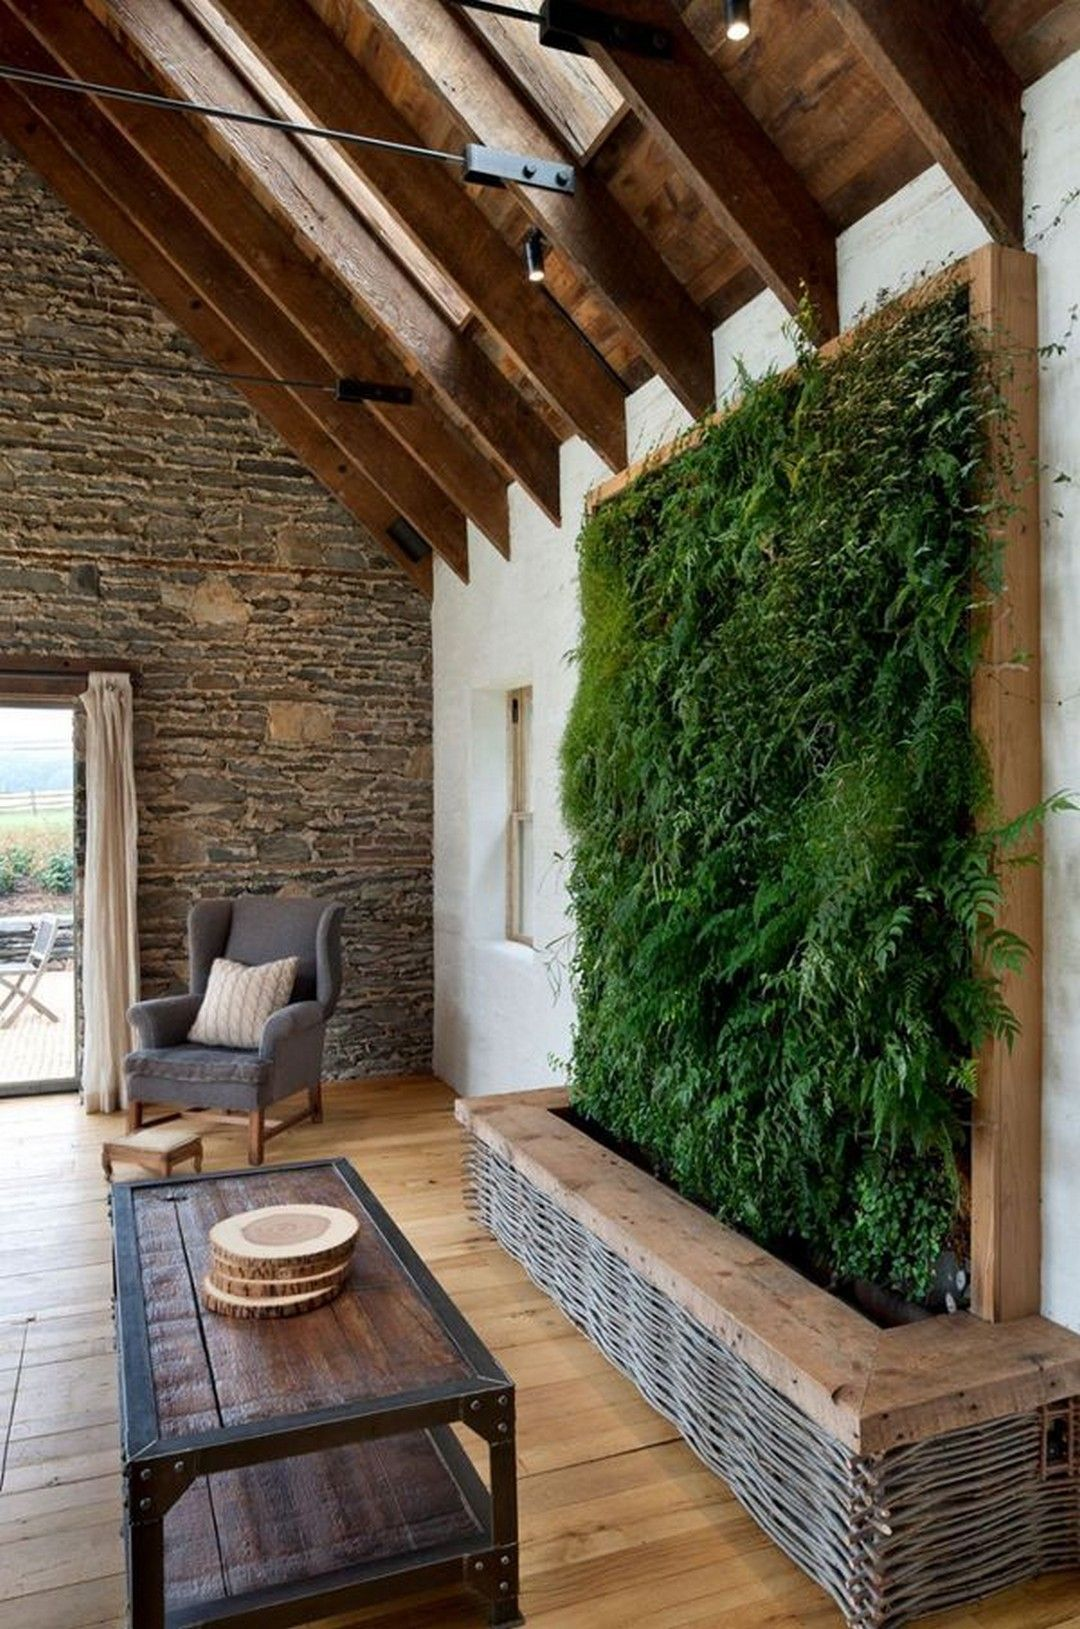 10 inventive ways to decorate indoor vertical garden on indoor vertical garden wall diy id=79836